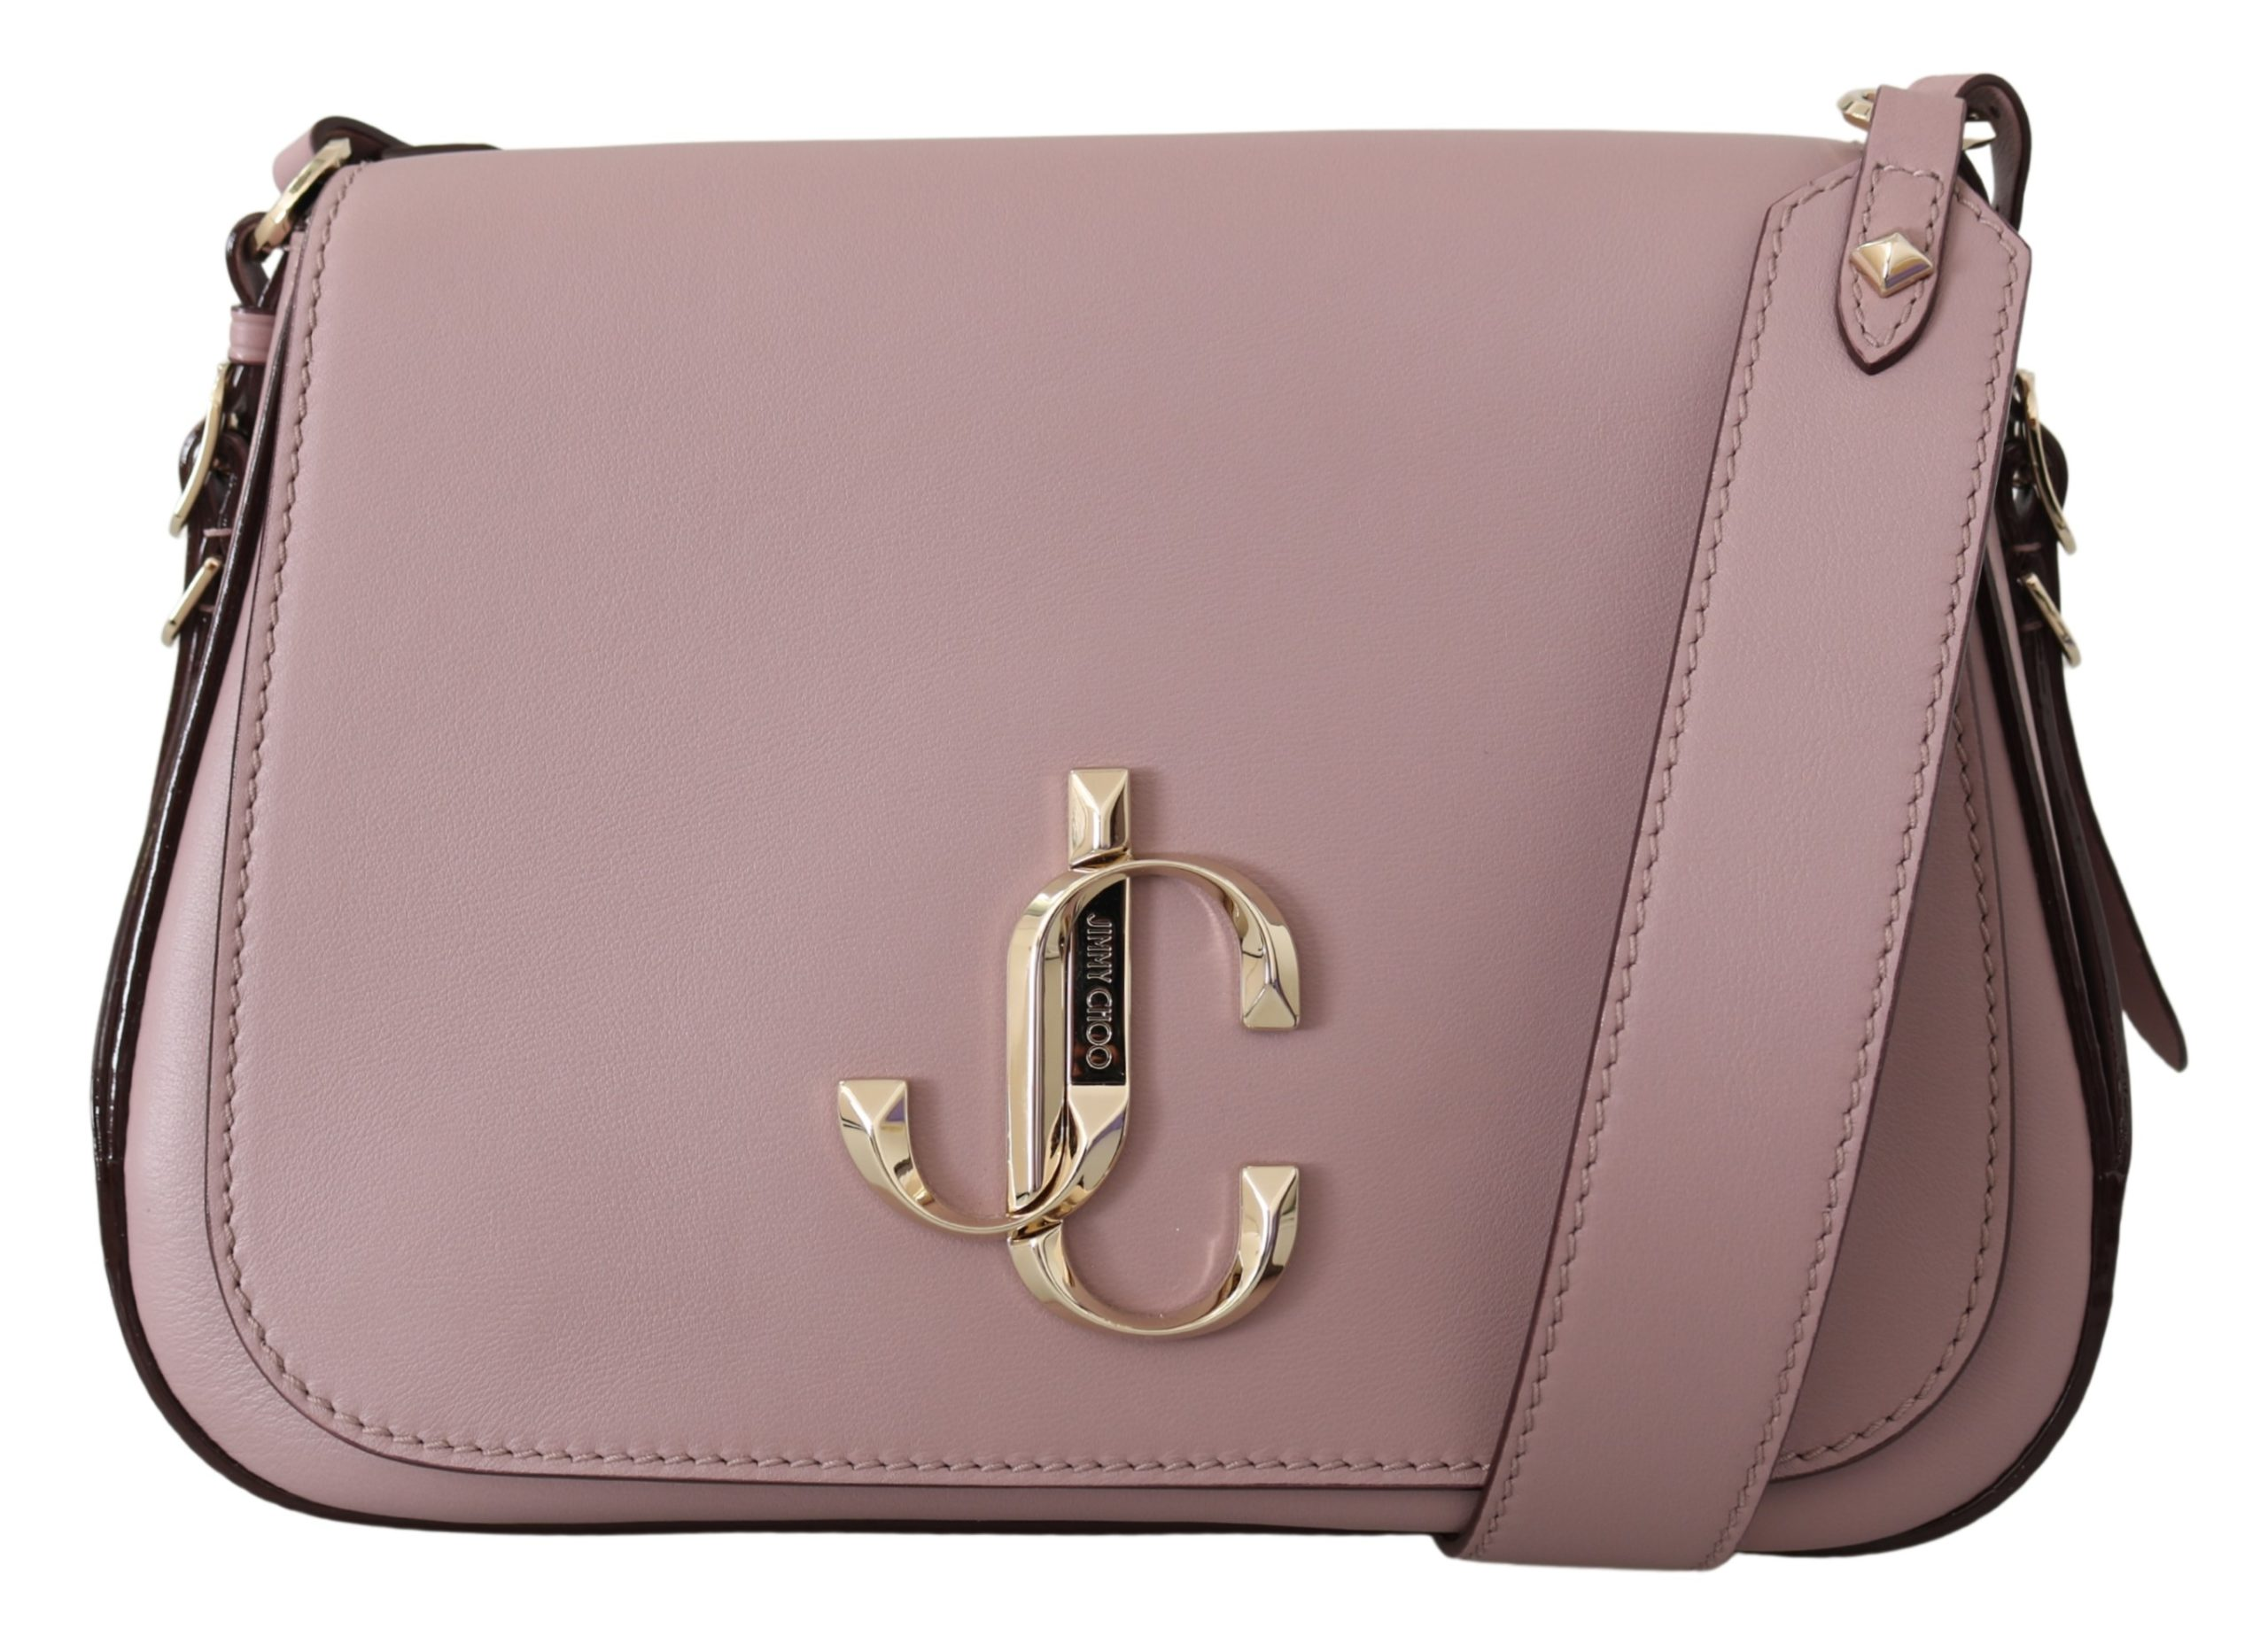 Jimmy Choo Women's Varenne Mauve Shoulder Bag Powder Pink 1436145